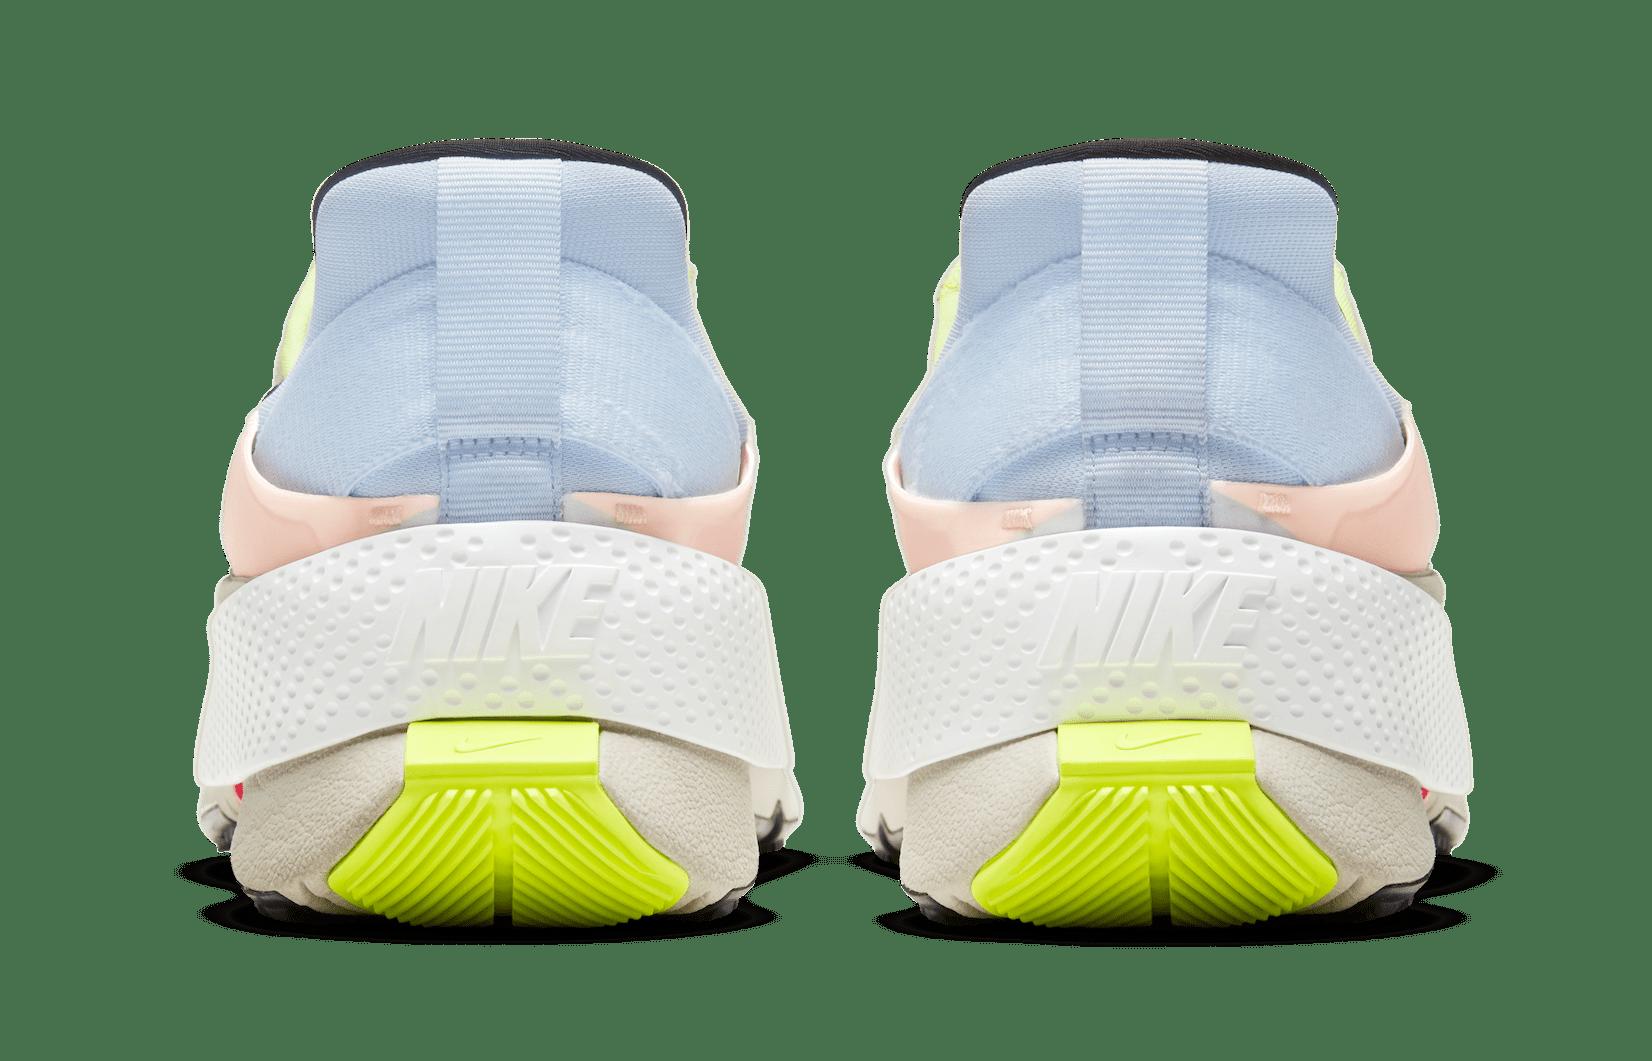 Nike Go FlyEase CW5883-100 Heel